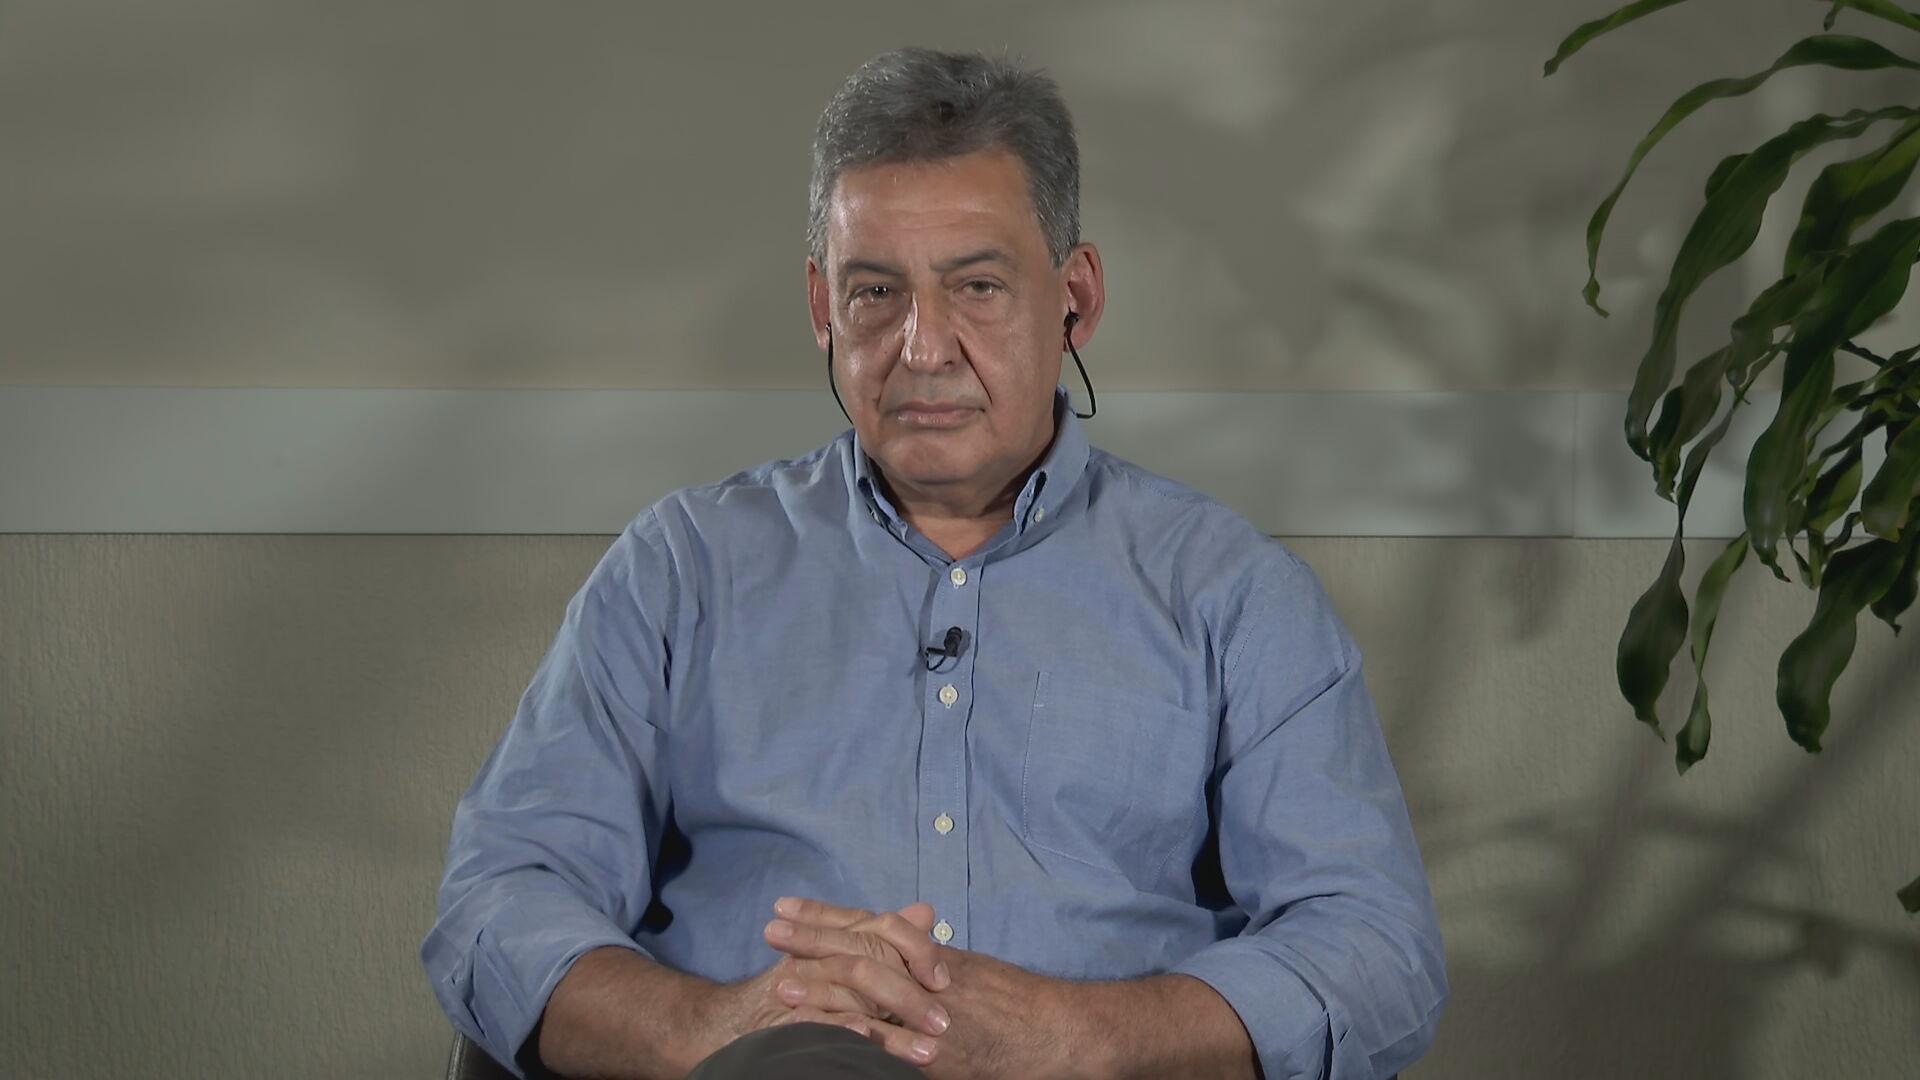 Candidato a prefeitura de Porto Alegre, Sebastião Melo (MDB), em entrevista para